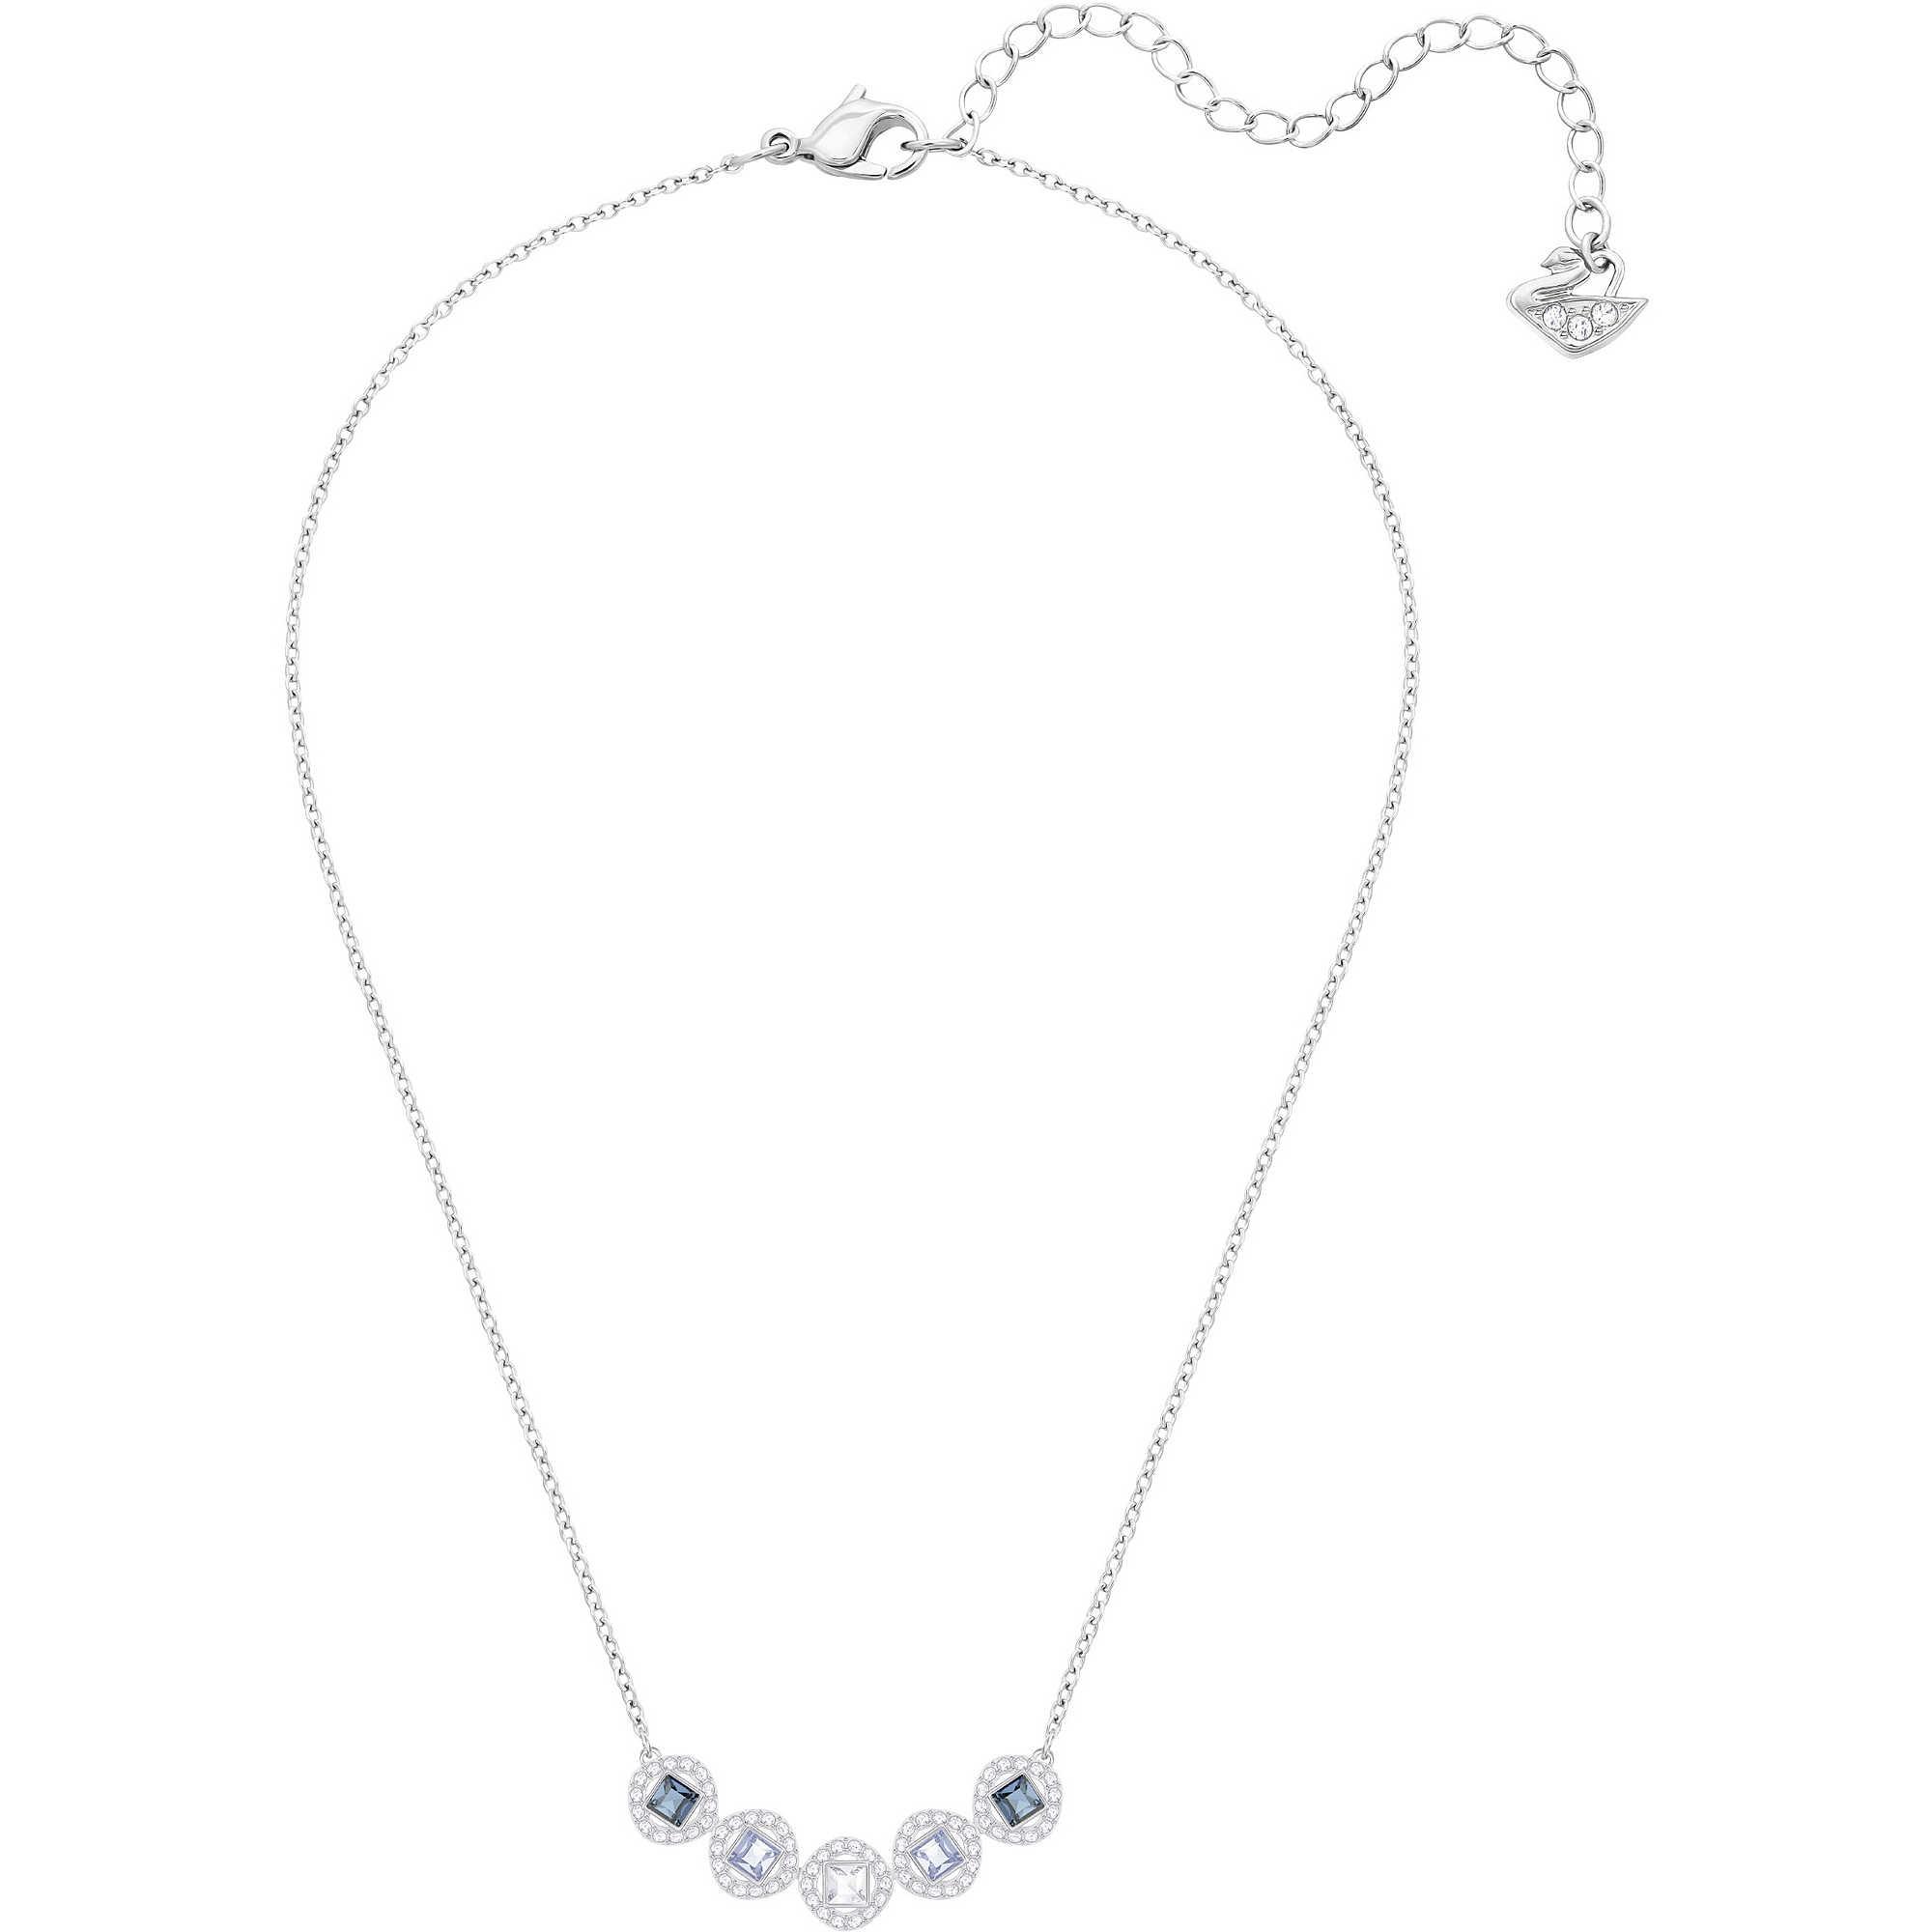 nuovo prodotto 3f8c2 83586 collana donna gioielli Swarovski Angelic Square 5294622